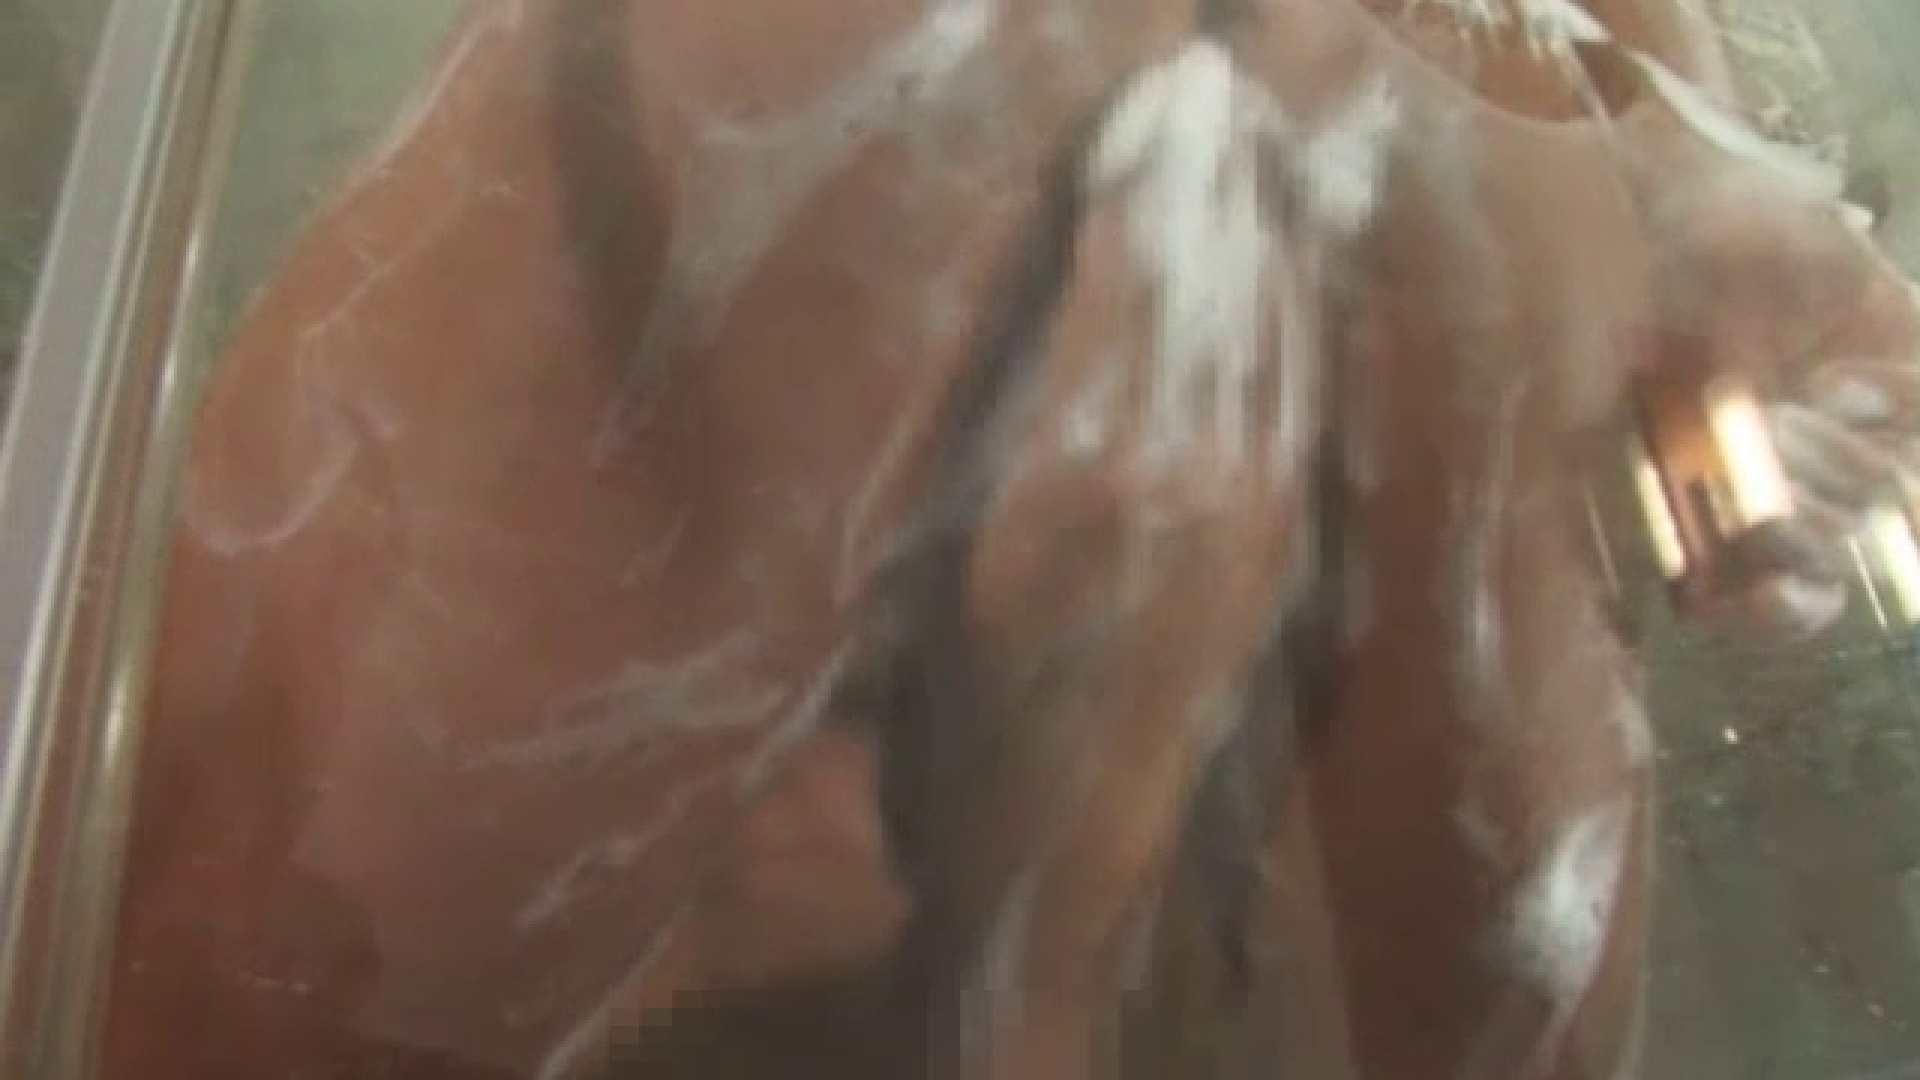 南国太陽の下でハッスルMuscle!!vol2 フェラ天国 ゲイAV画像 78pic 43